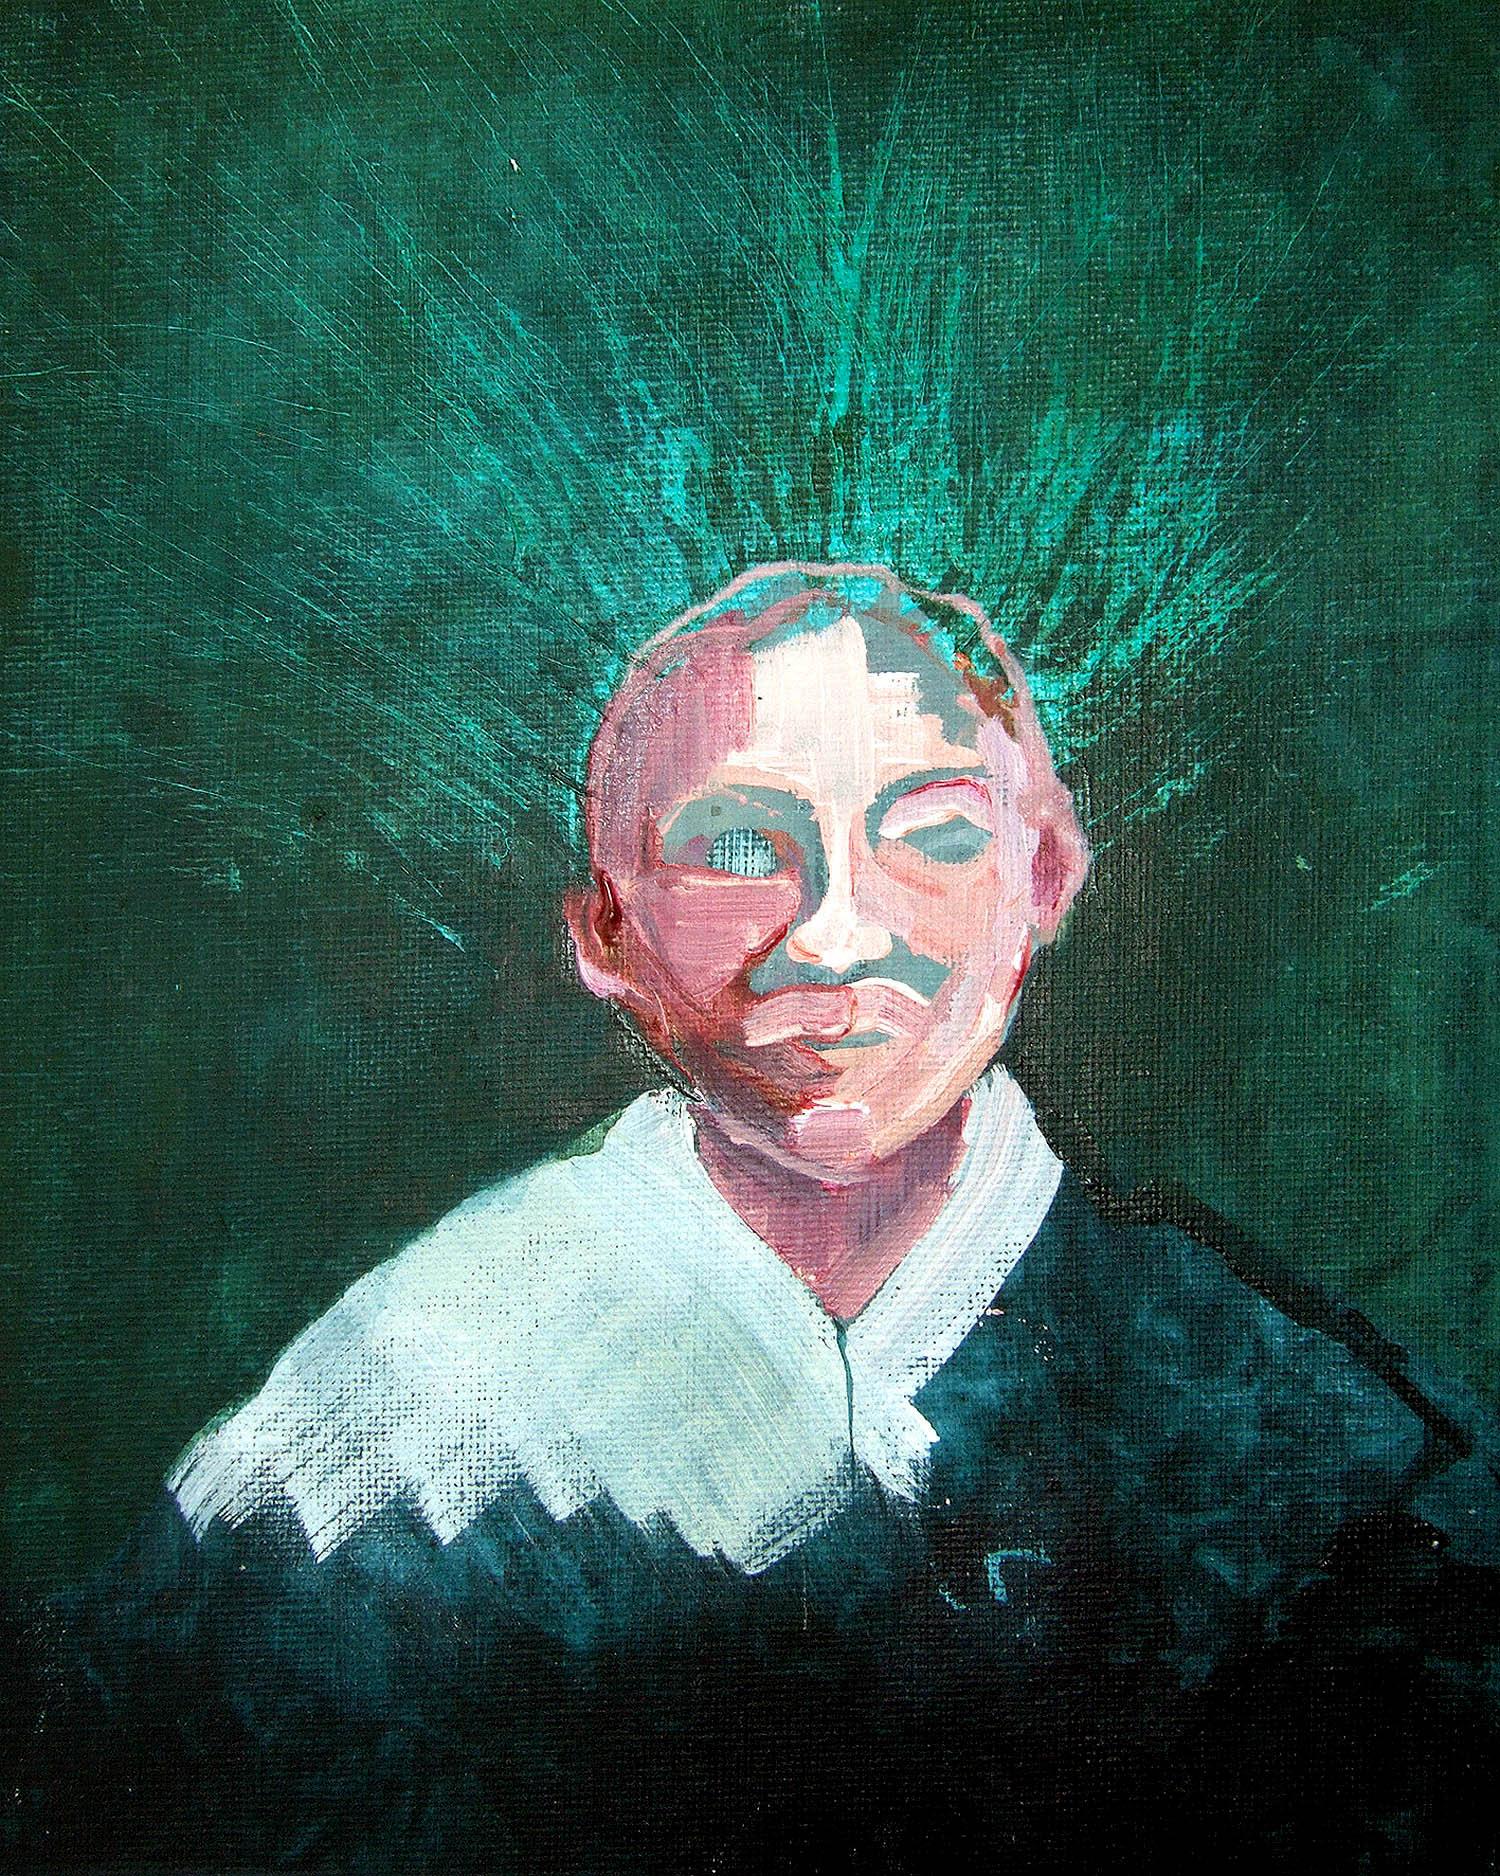 Dream mist (2010), acrylic on canvas, 25.4 x 20.3cm